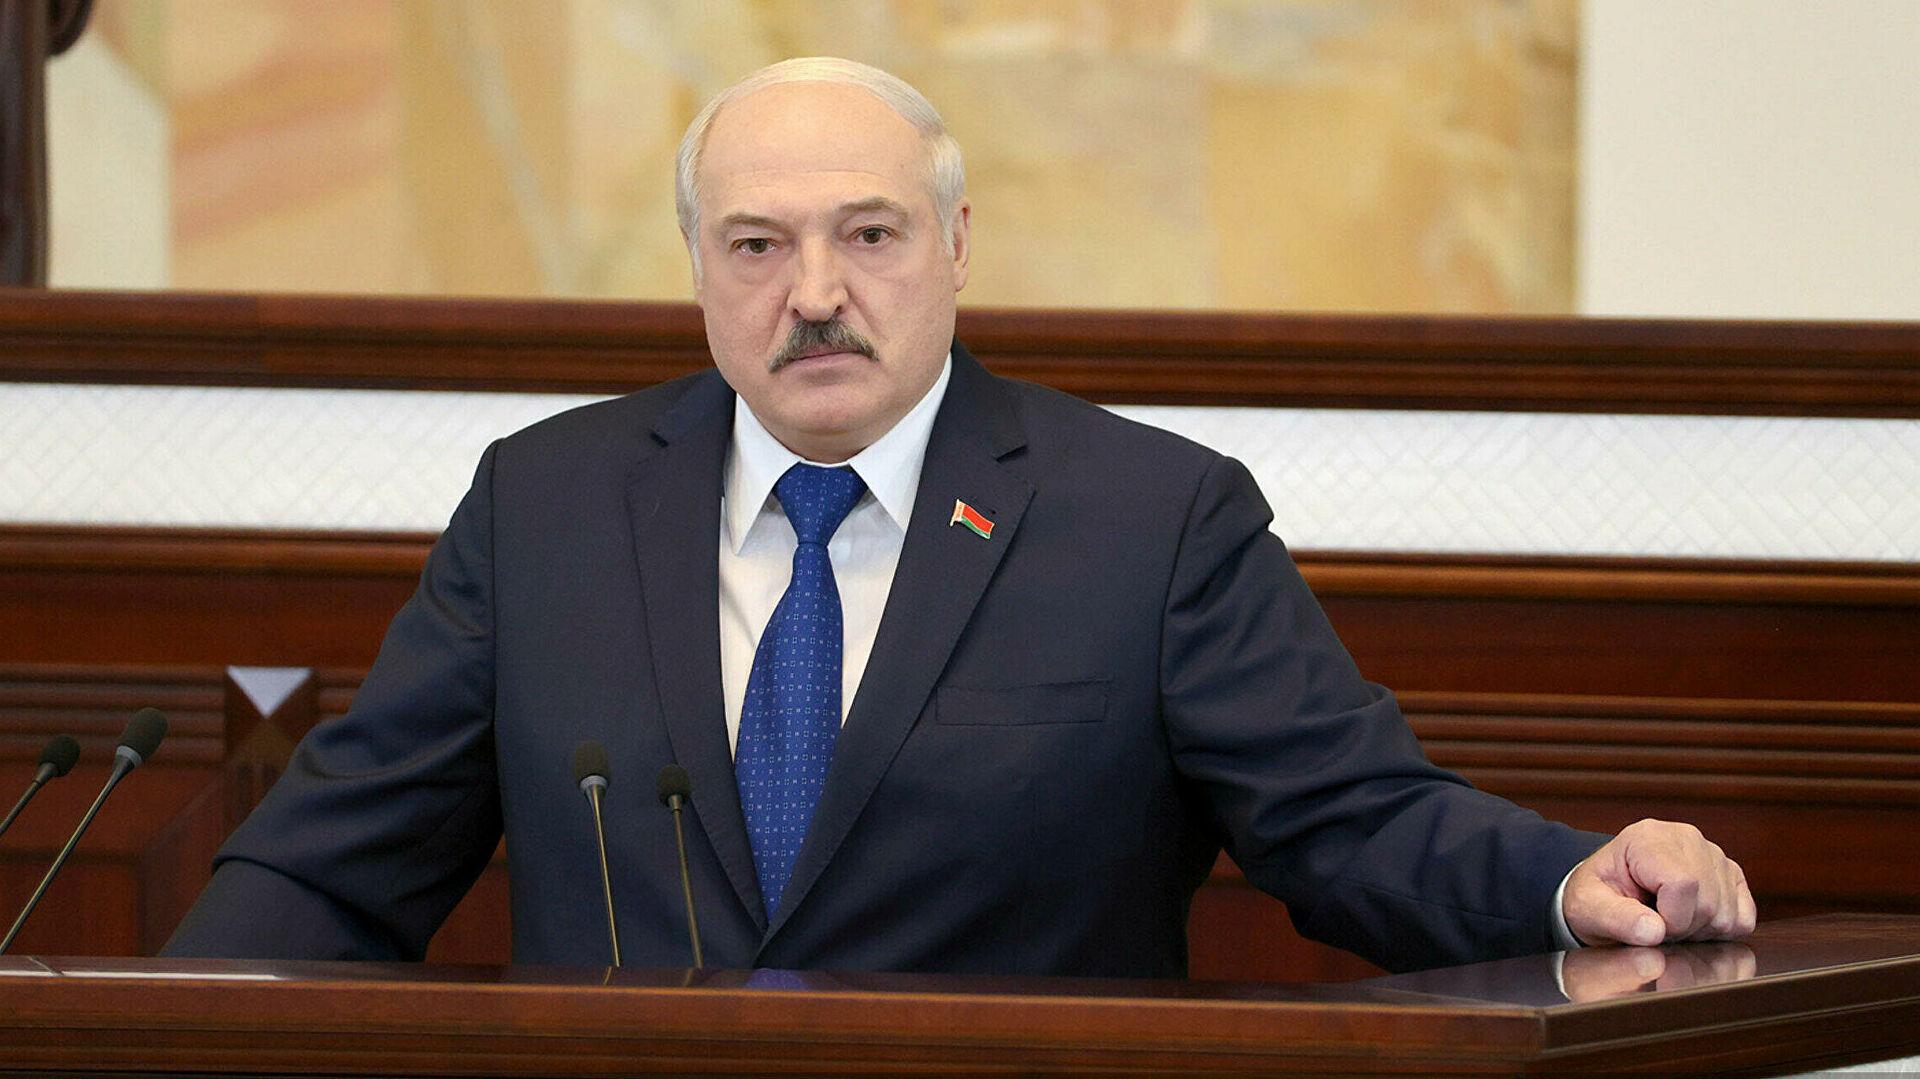 Лукашенко: Оштро ћемо реаговати на било какве санкције, нападе и провокације